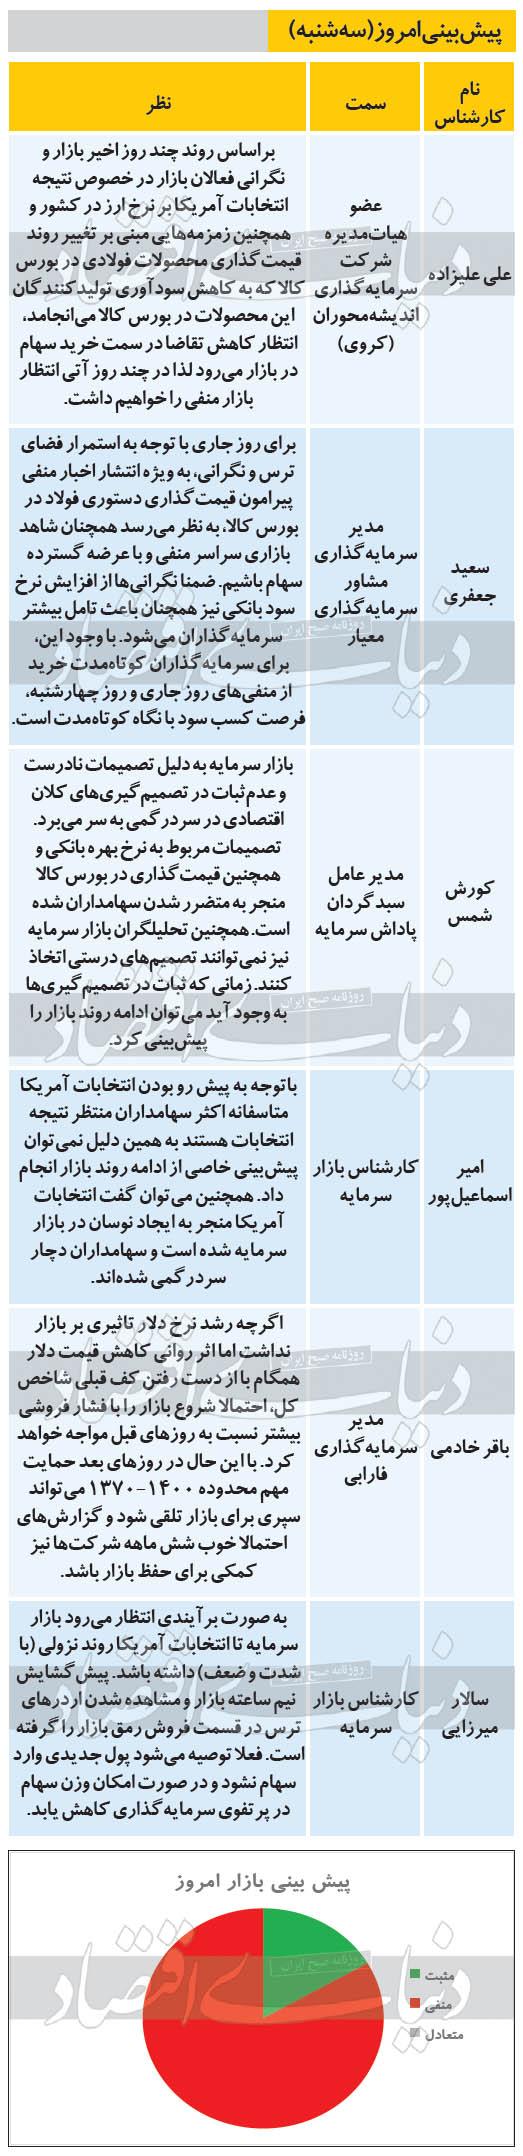 پیشبینی 6 تحلیلگر از وضعیت امروز بورس تهران+ جدول